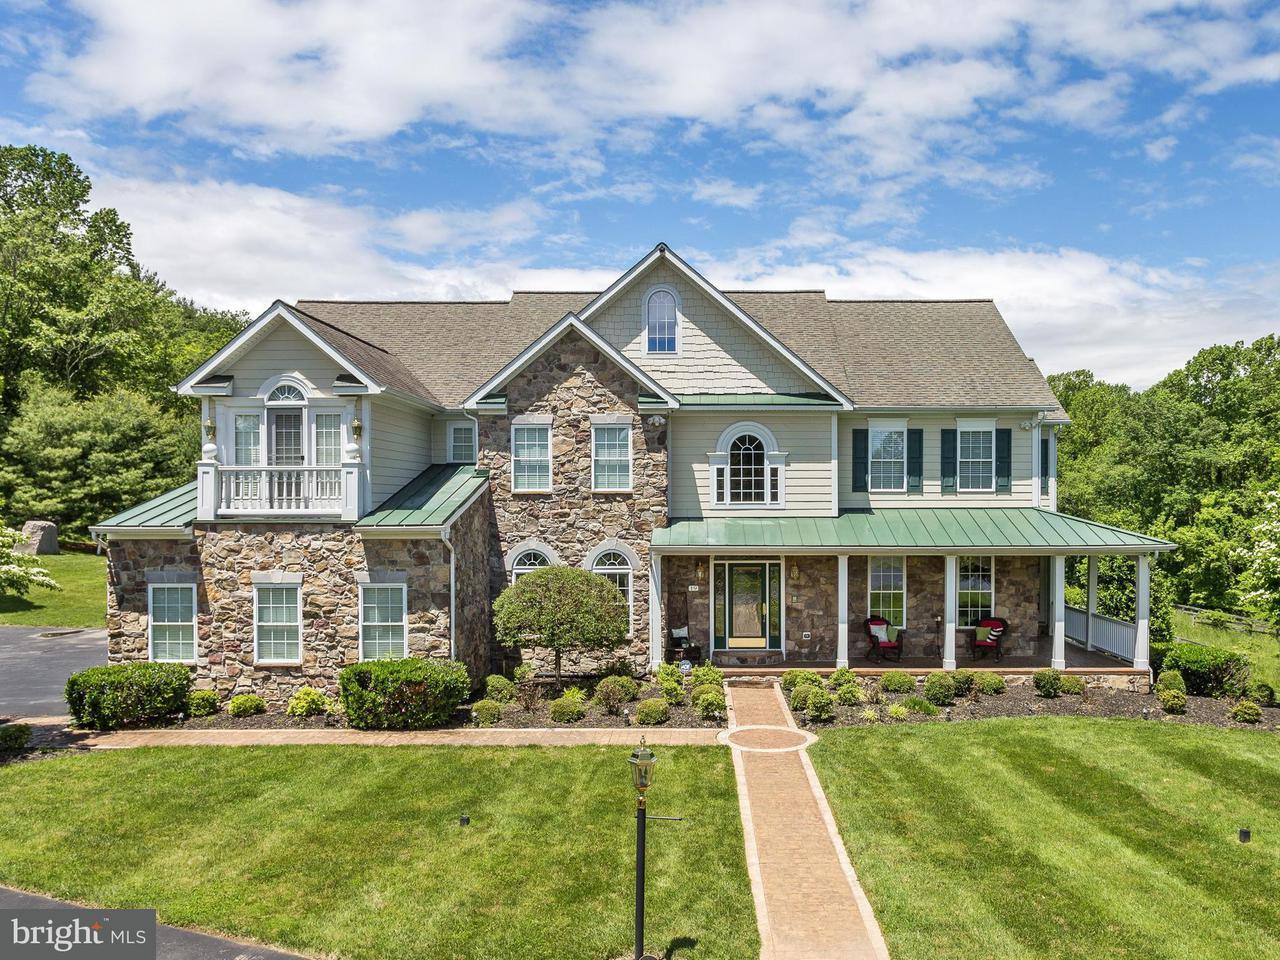 Частный односемейный дом для того Продажа на 19 BONDI WAY 19 BONDI WAY Reisterstown, Мэриленд 21136 Соединенные Штаты